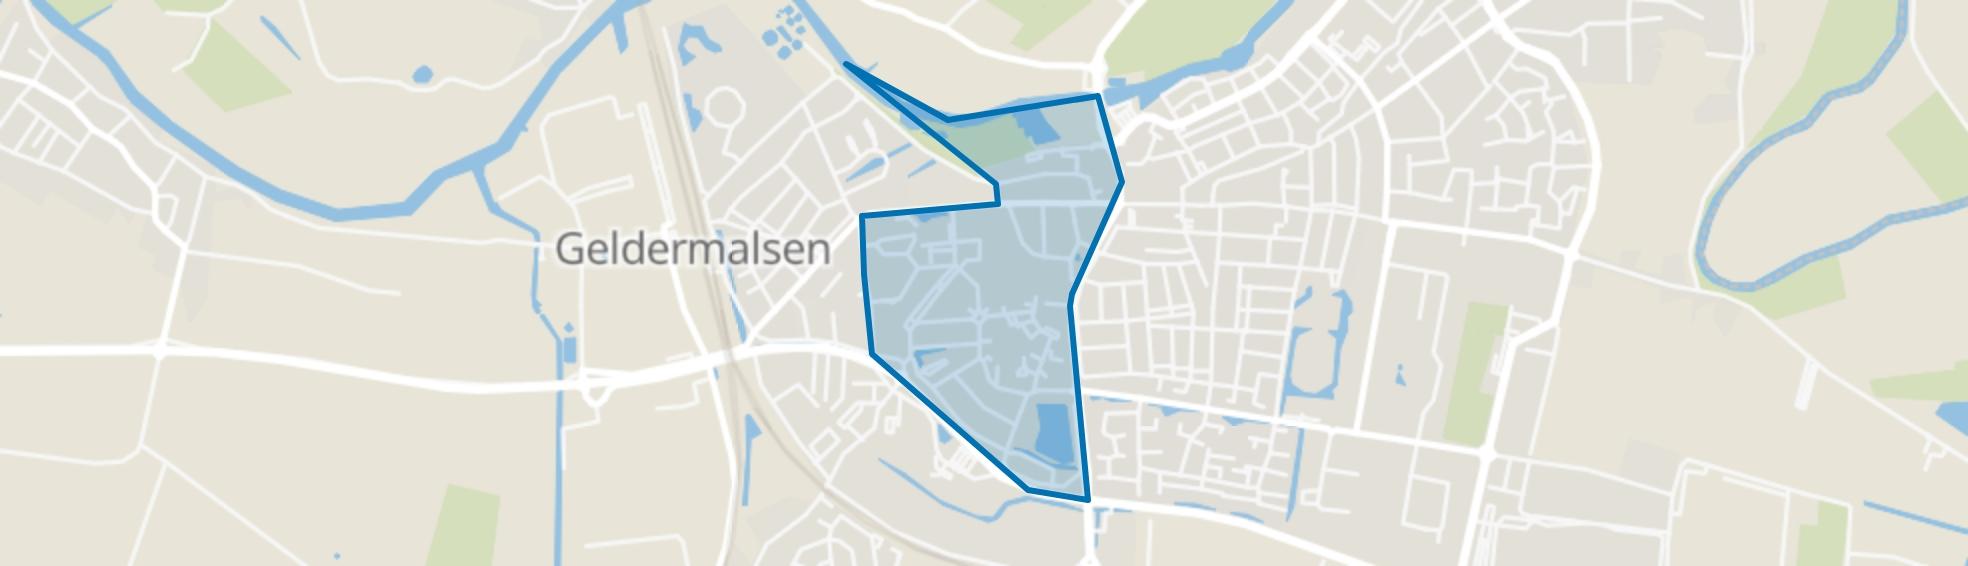 Geldermalsen Middengebied, Geldermalsen map